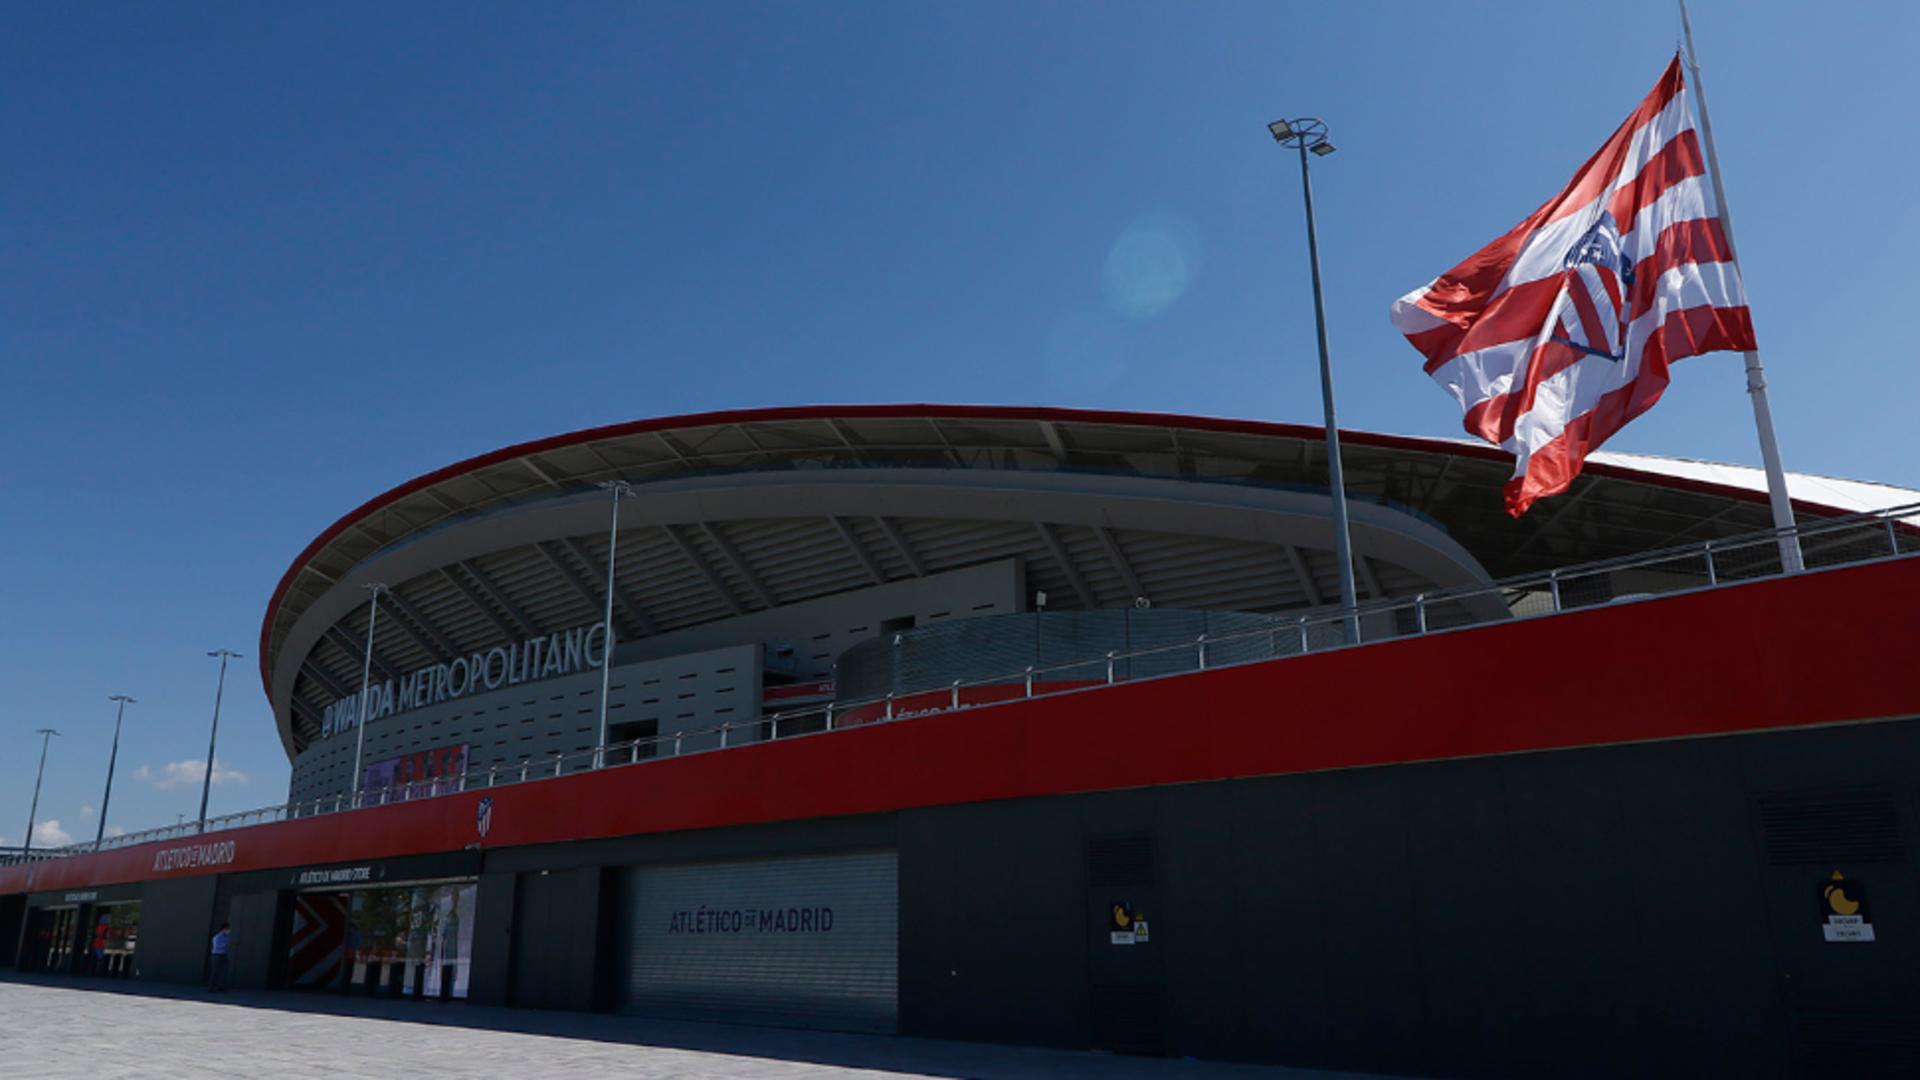 Wanda Metropolitano, stadion Atletico Madrid/ cont oficial de Twitter - Atletico Madrid